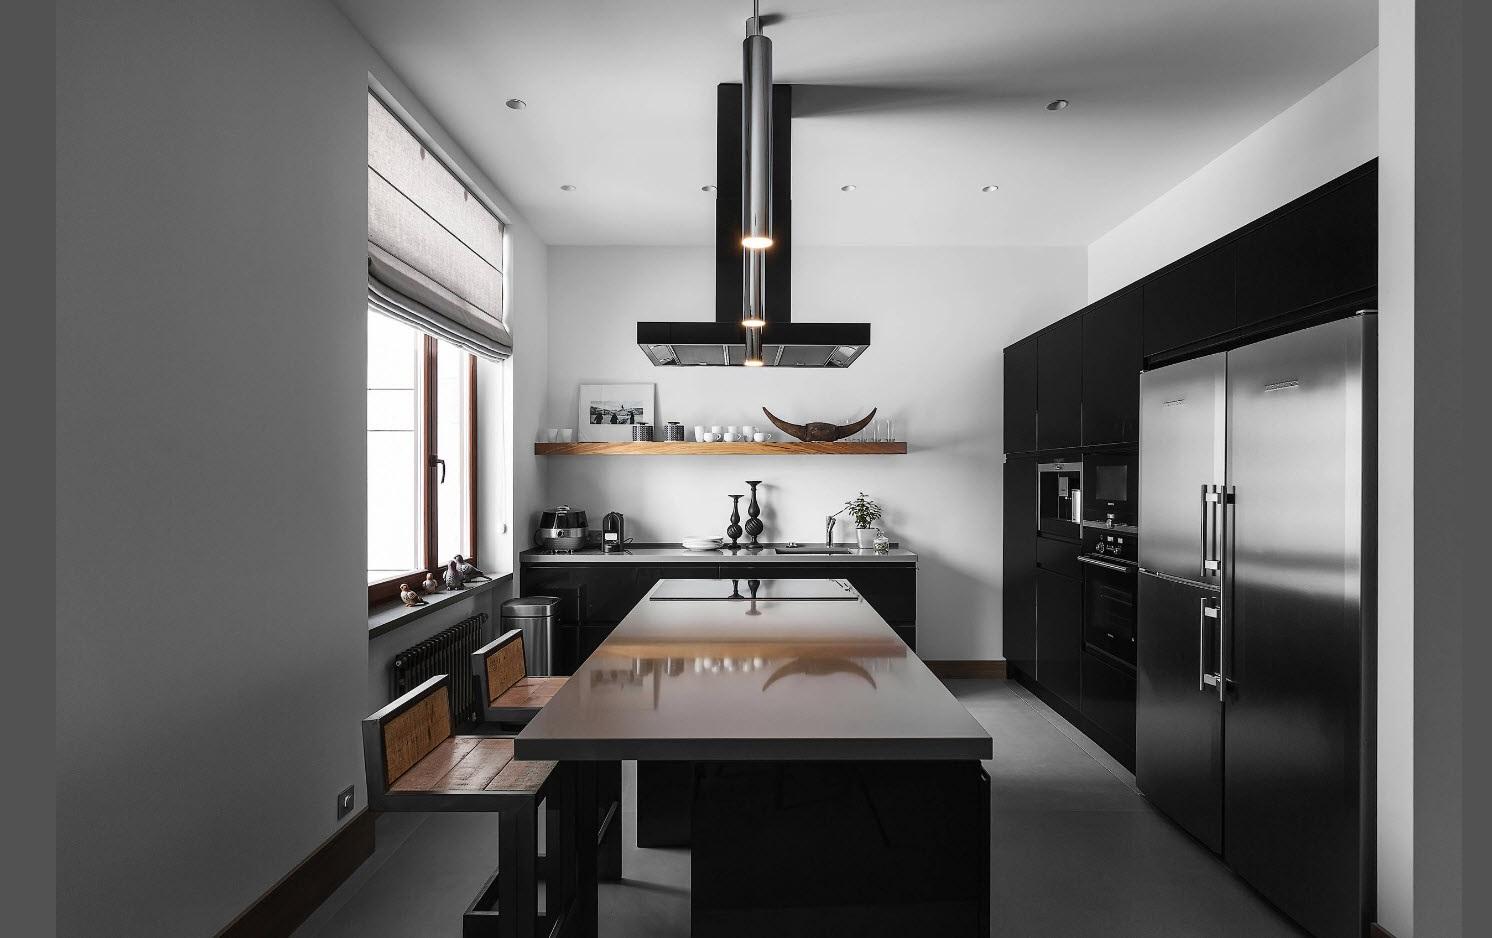 Красивые кухни: проекты, фото интерьеров, мотивы и стили